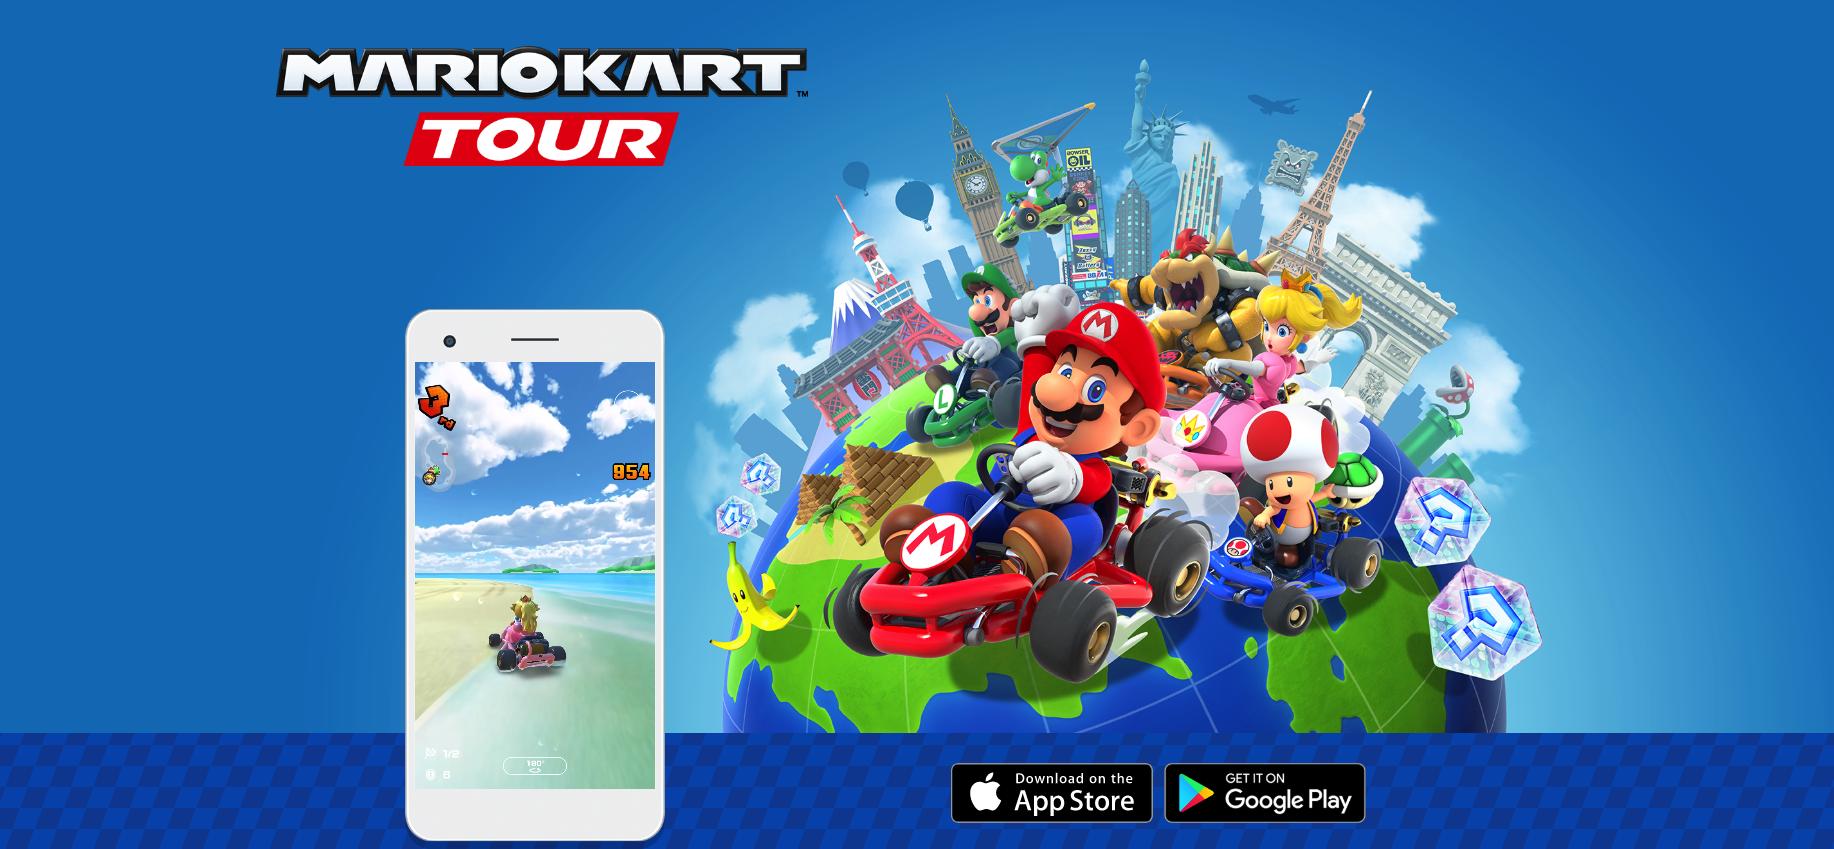 20 milionów pobrań Mario Kart Tour w ciągu 24 godzin 18